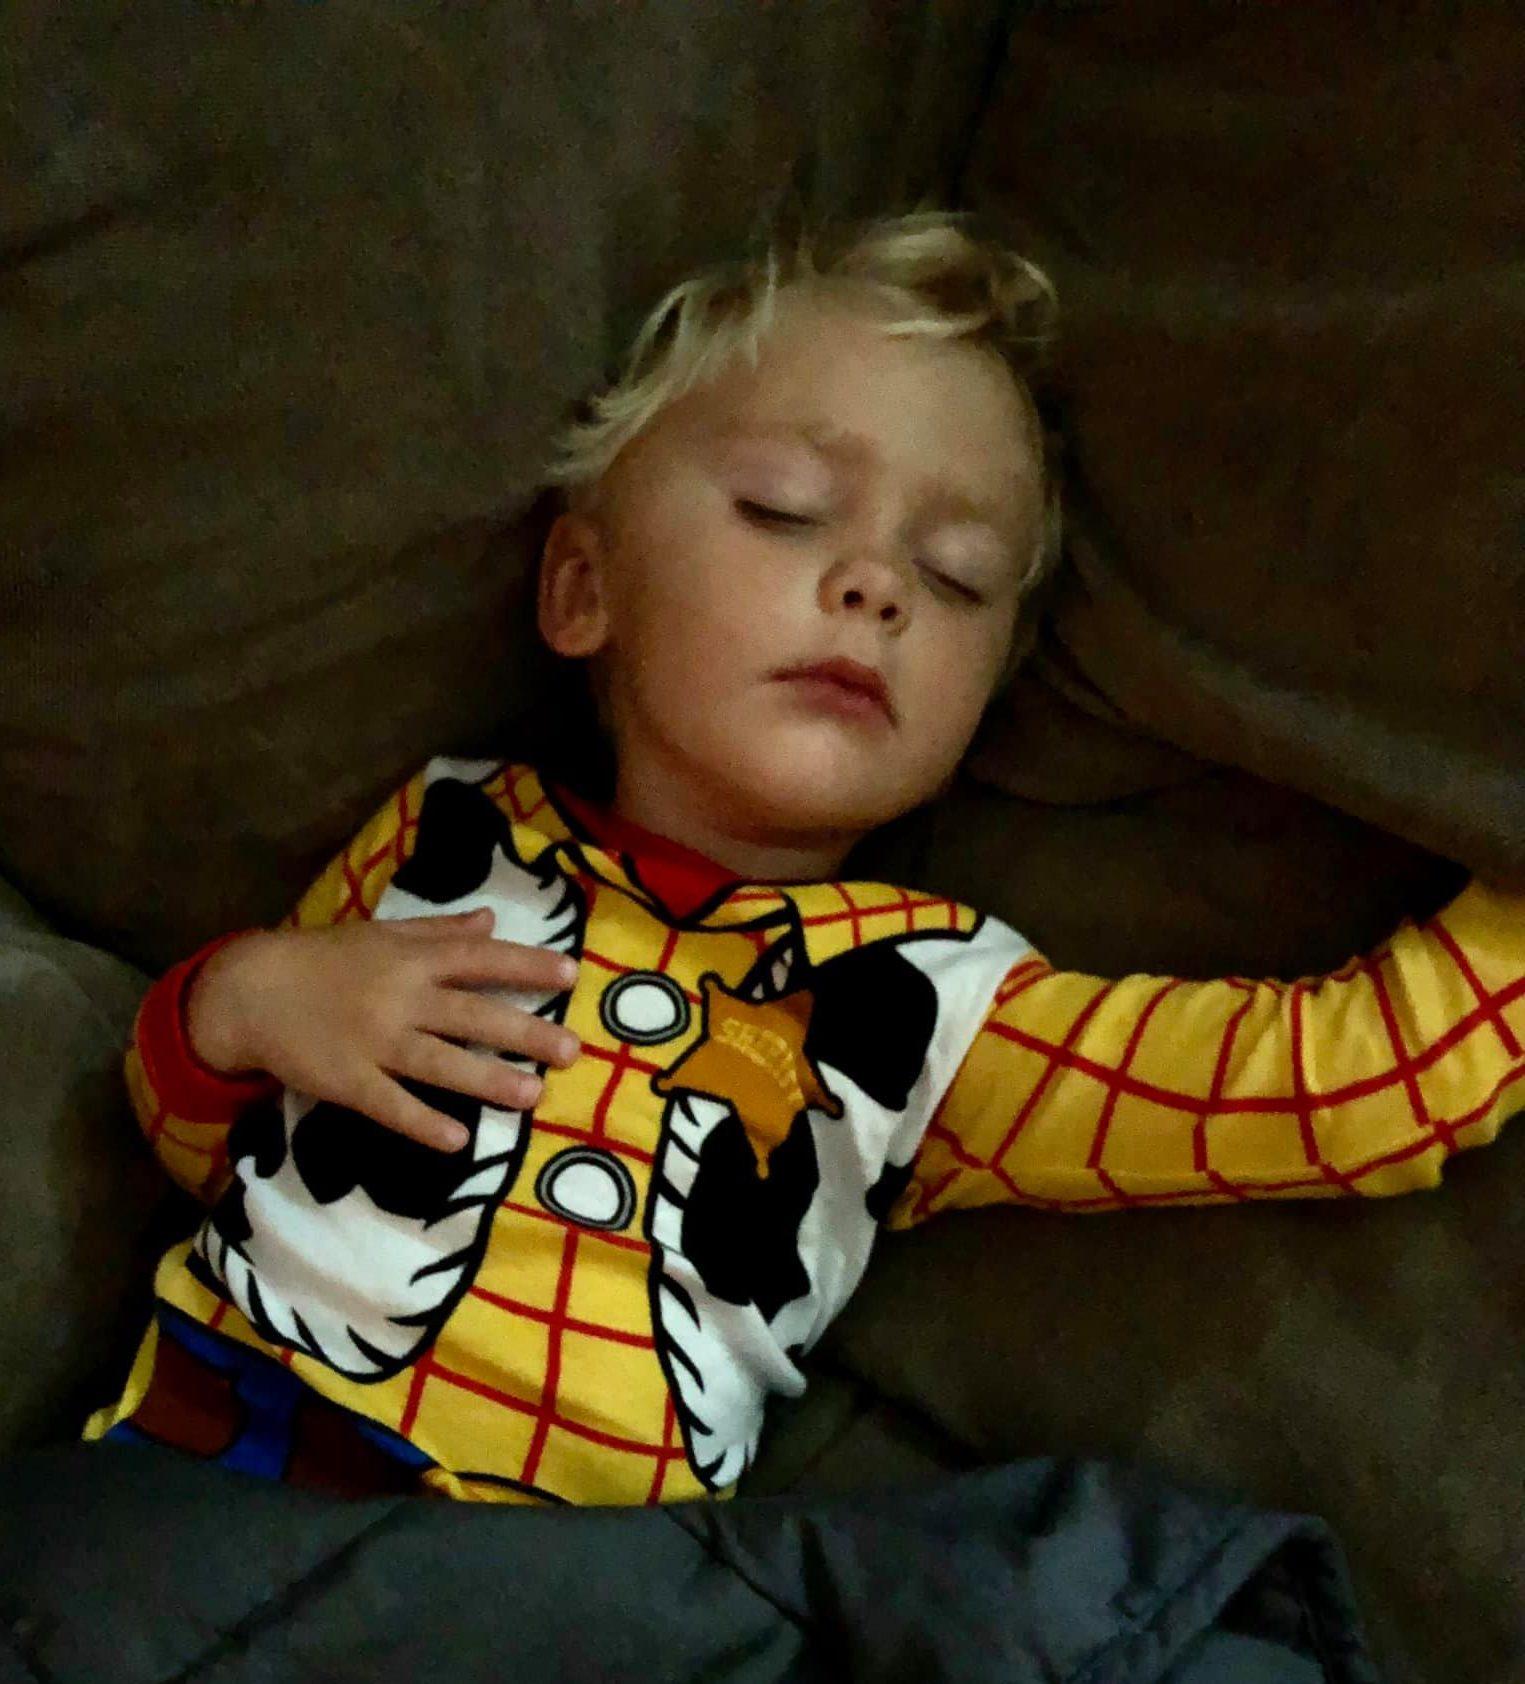 Sleeping toddler in pajamas